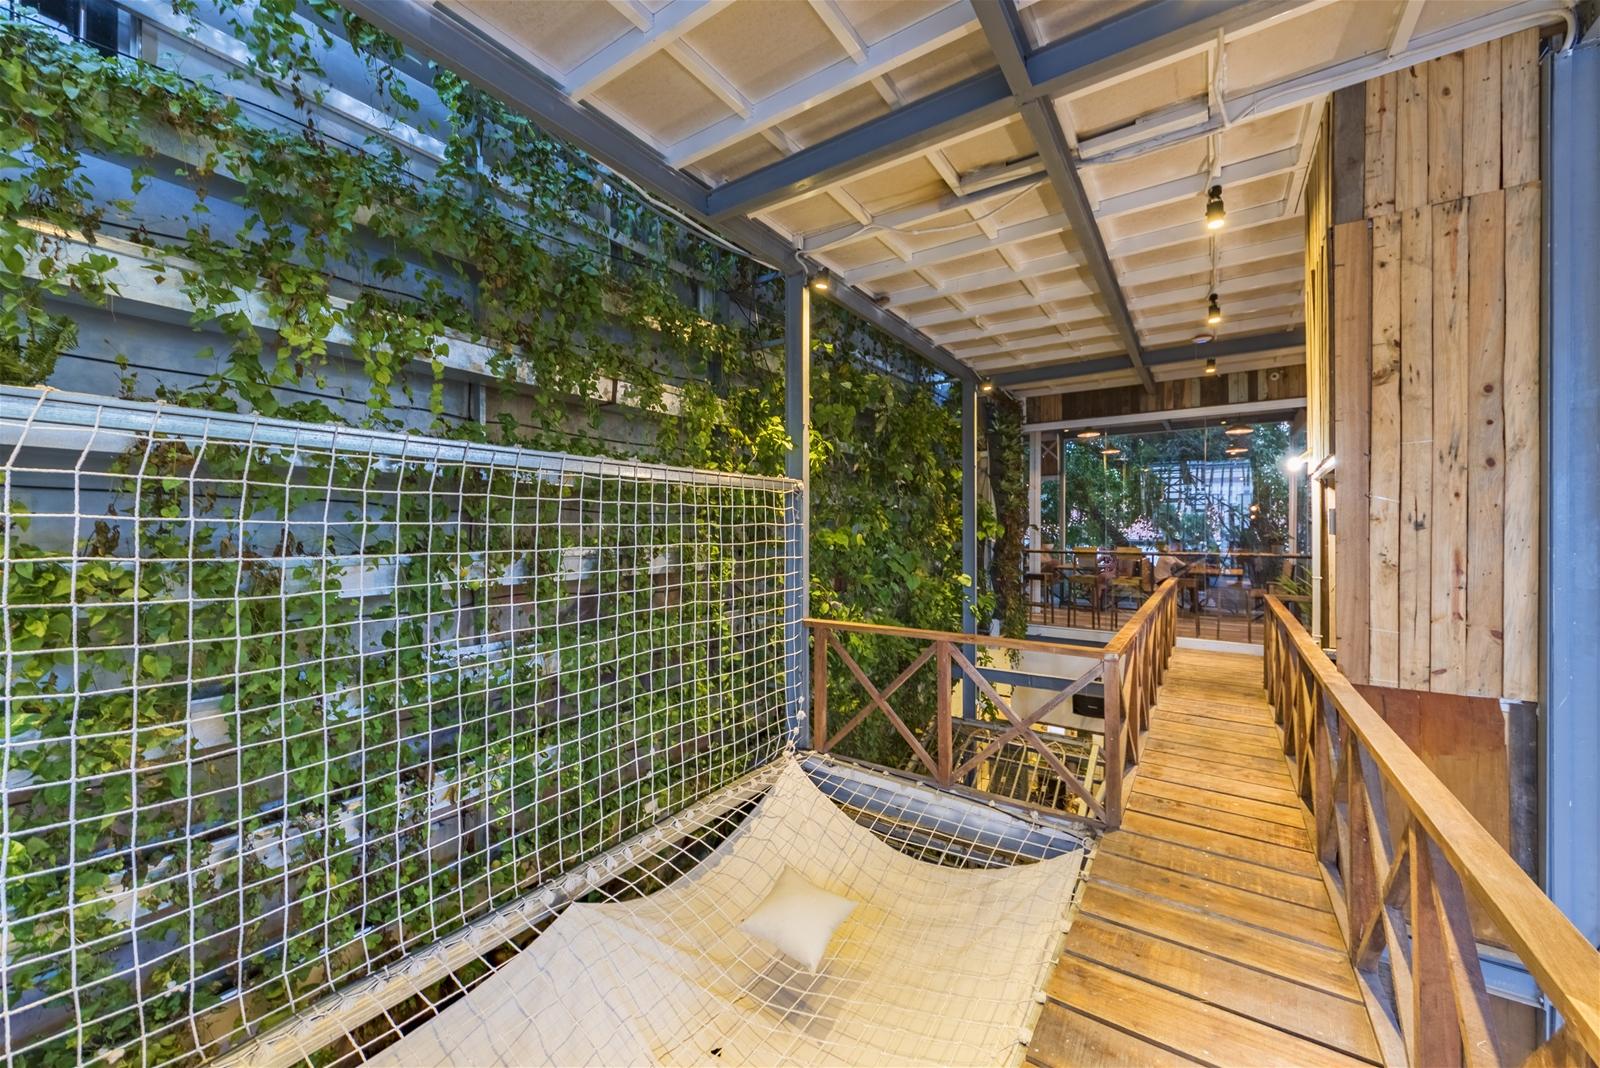 rainforest-cafe-nha-trang-1